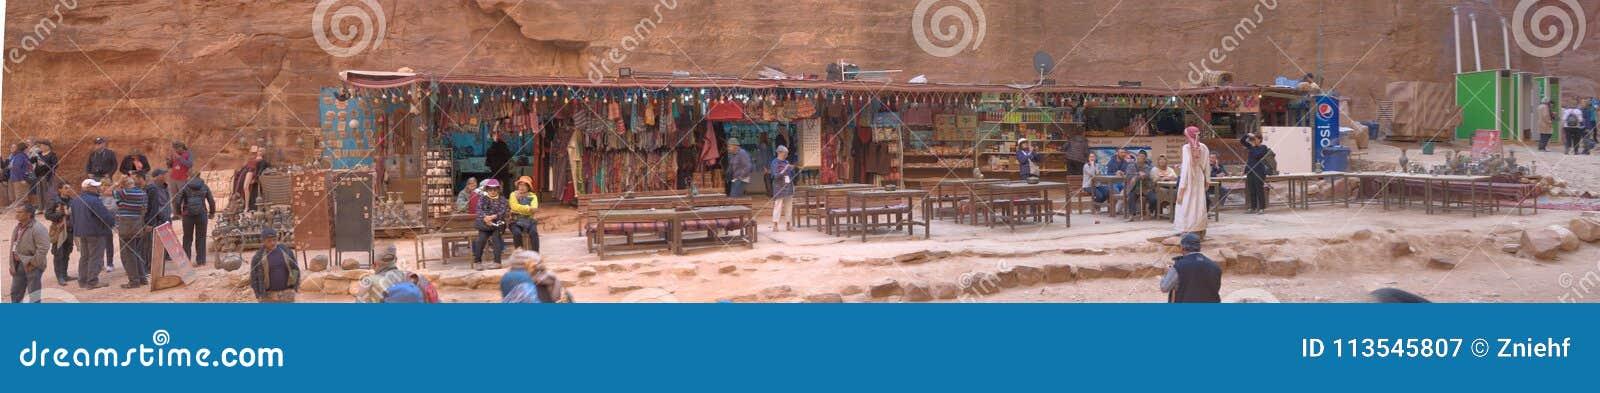 Petra, Wadi Musa, Jordanië, 9 Maart, 2018: Verkoopcabine met vele artikelen en herinneringen voor toeristen voor Petra Treasury,